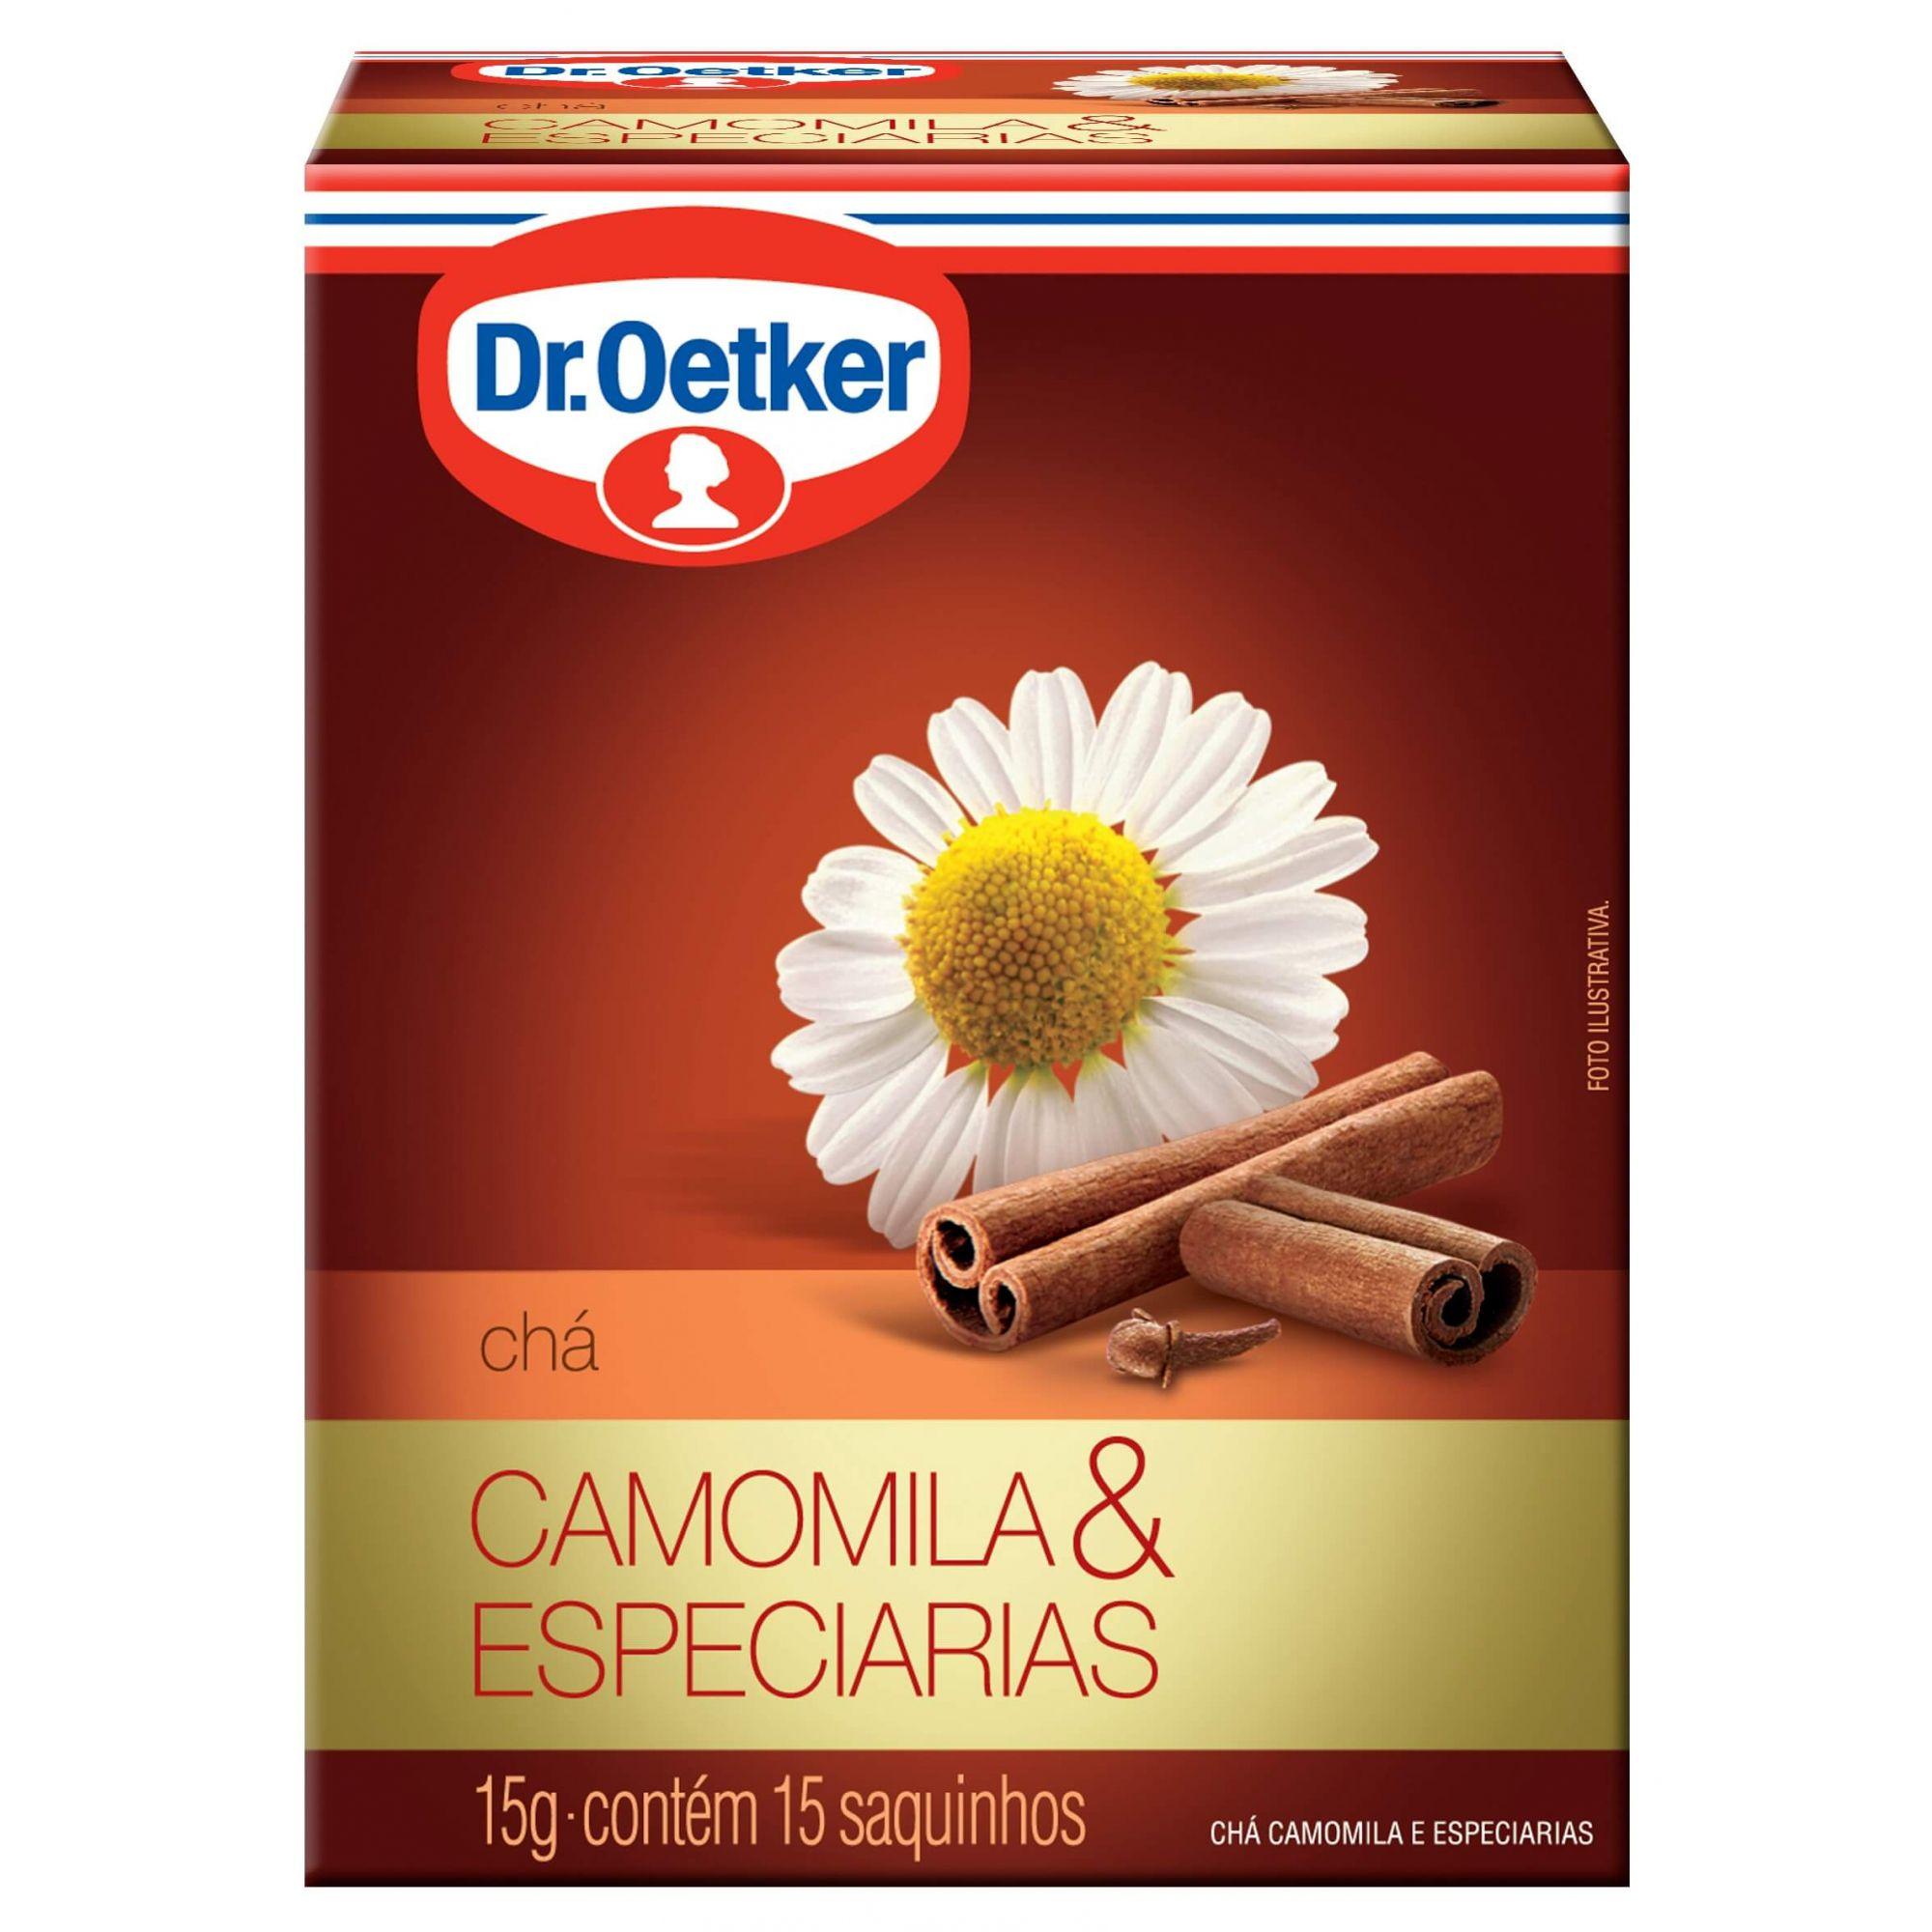 CHÁ DE CAMOMILA COM ESPECIARIAS - DR. OETKER -  KIT COM 4 CAIXAS